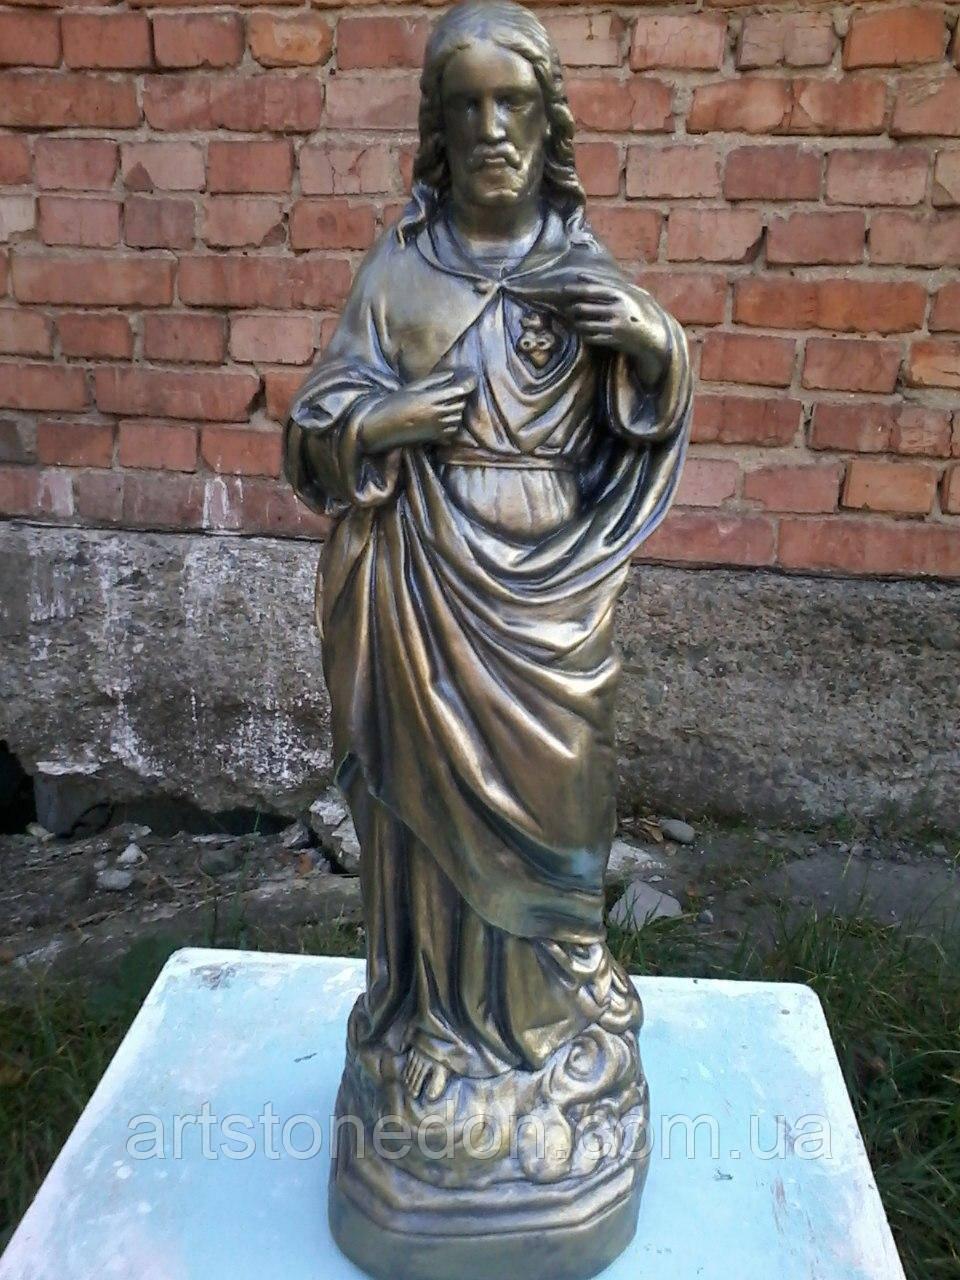 Статуя Иисуса Христа из белого бетона 40 см